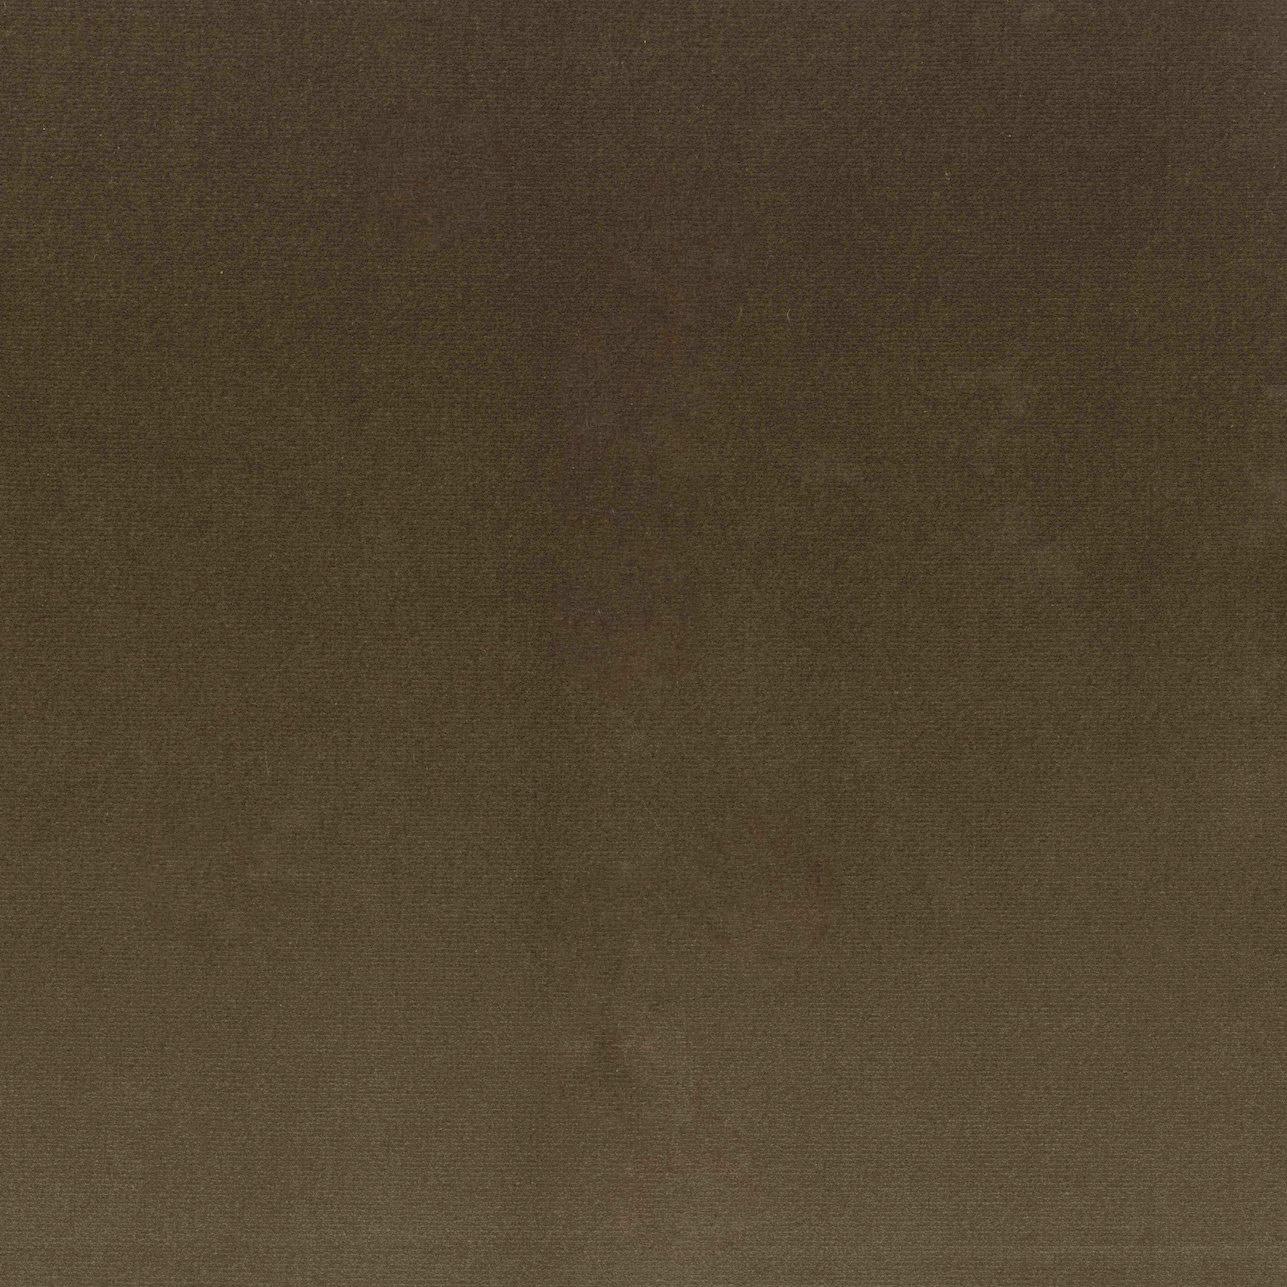 EXCL. Lario fango